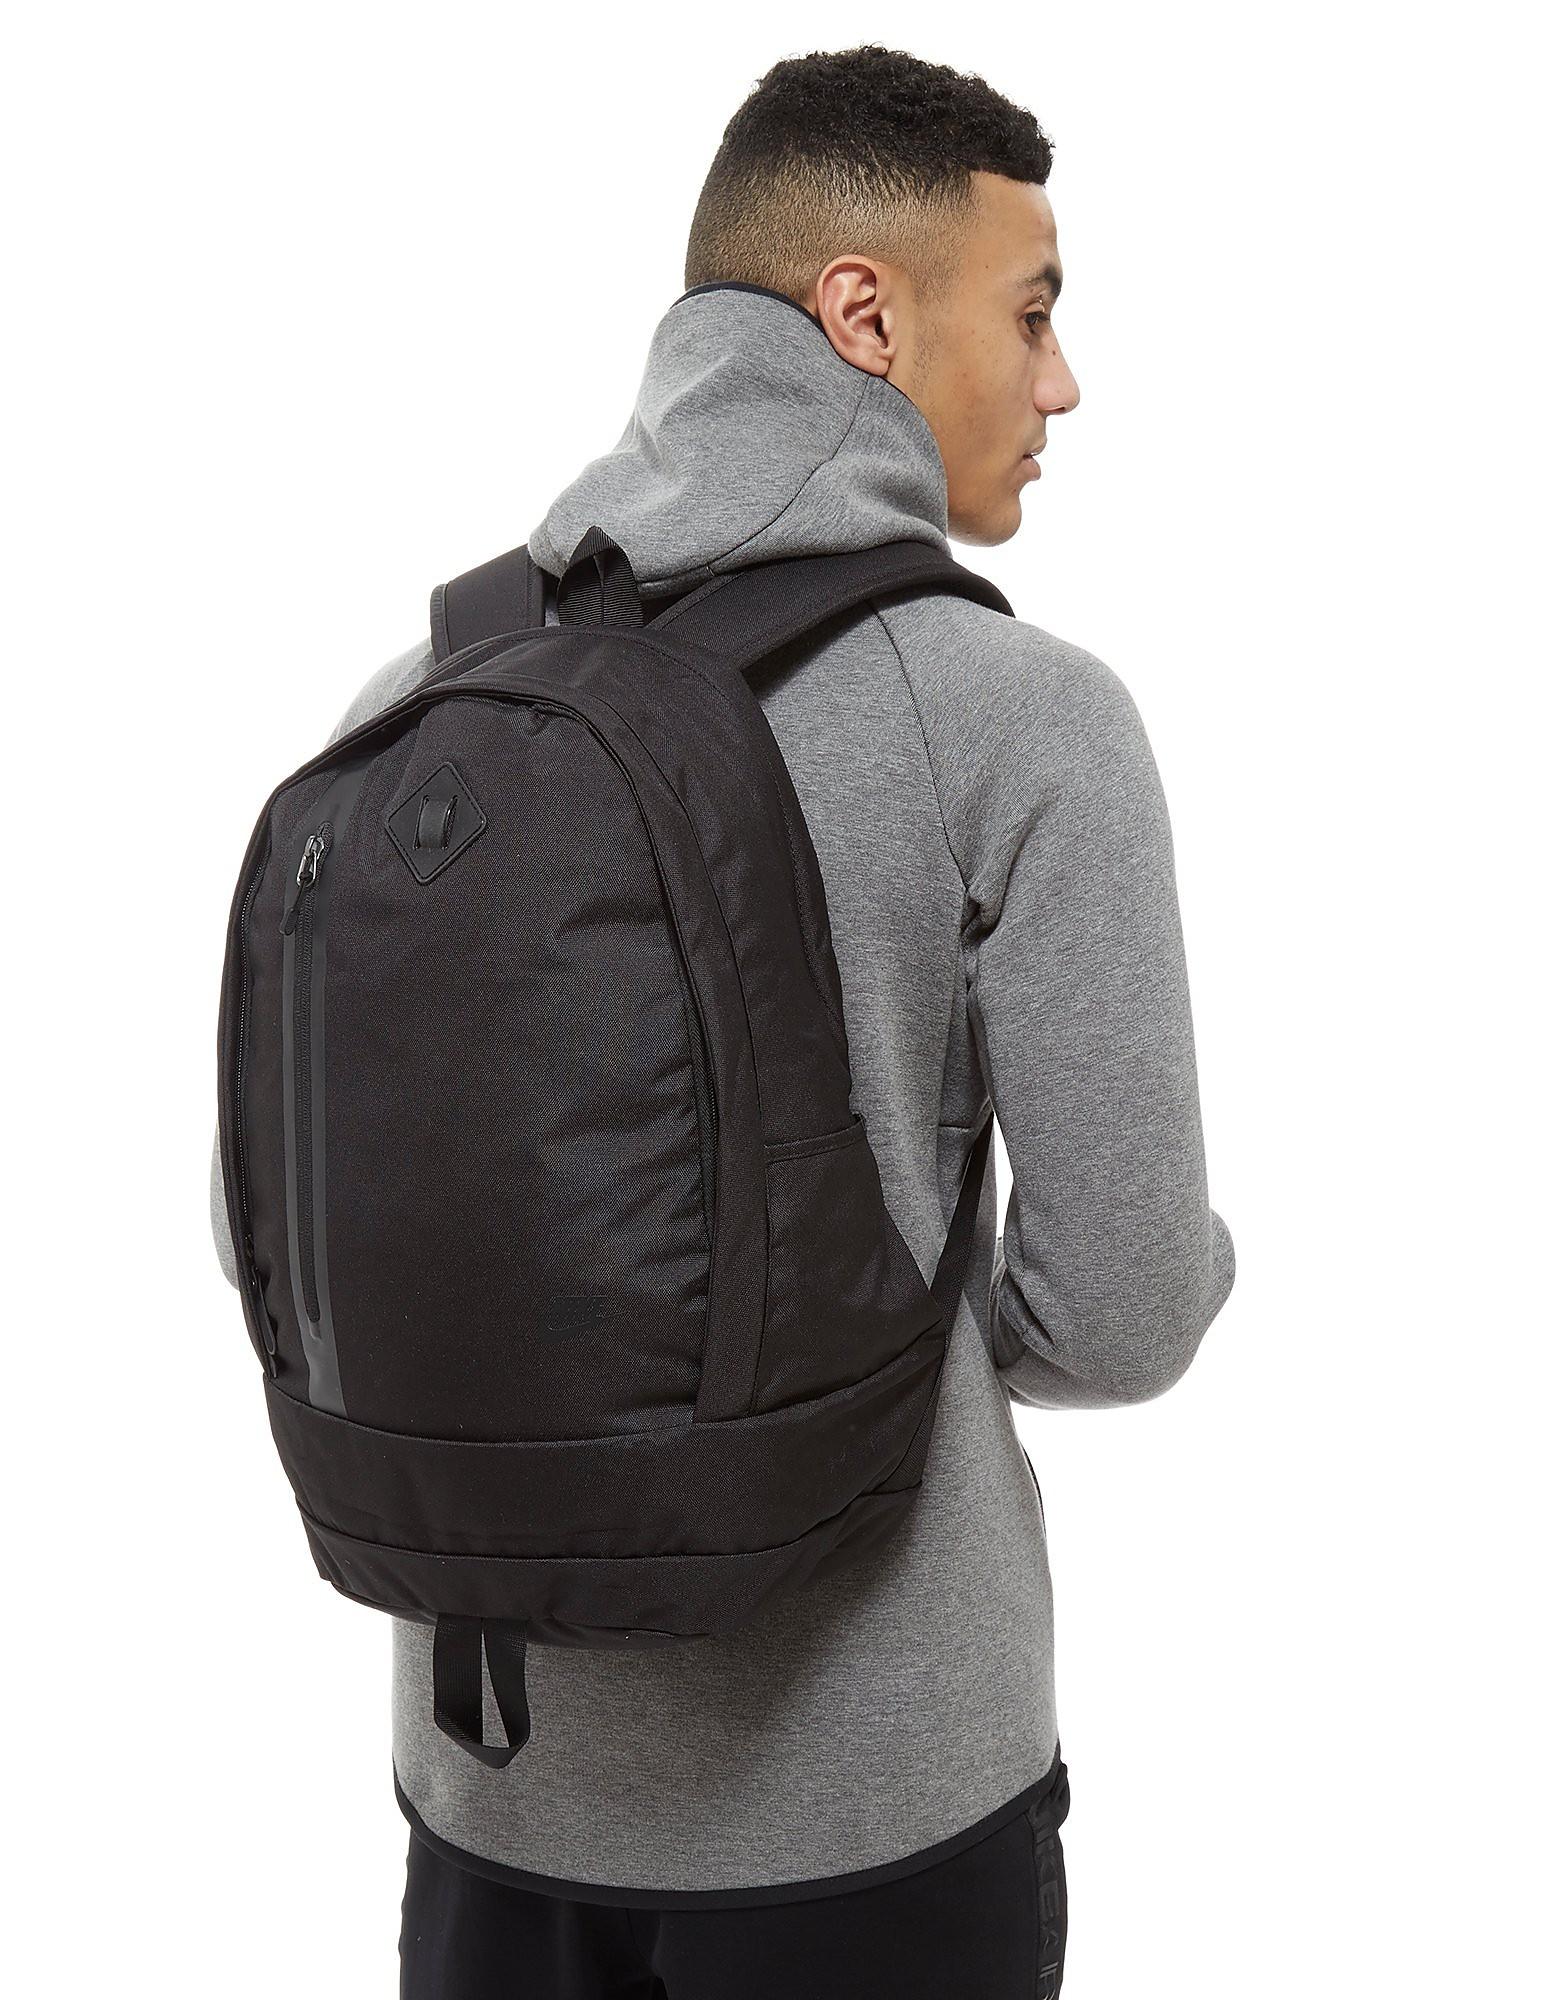 Nike Cheyenne 3.0 Backpack